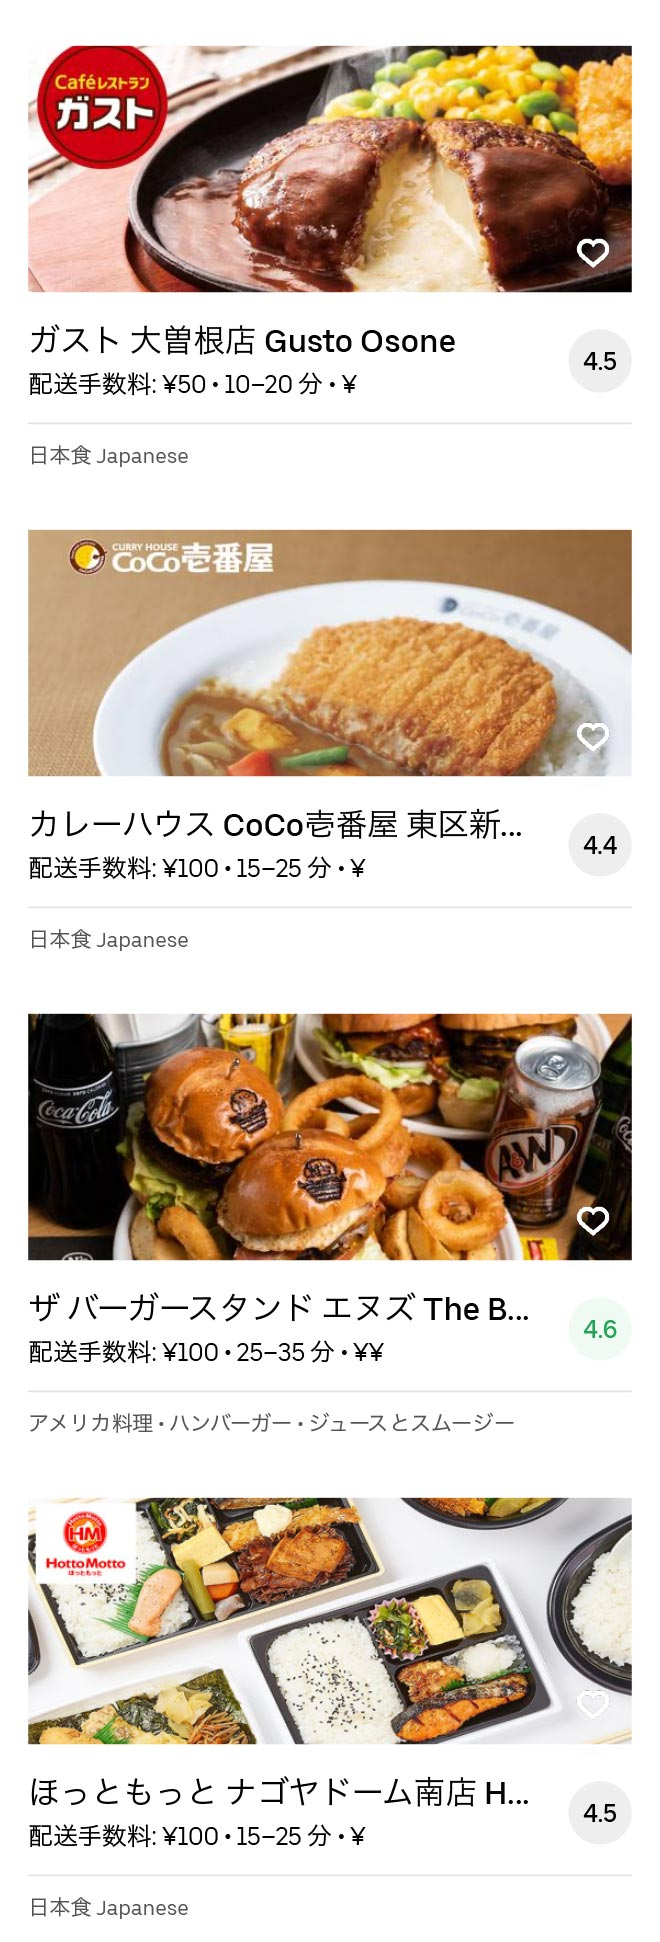 Nagoya ozone menu 2005 03